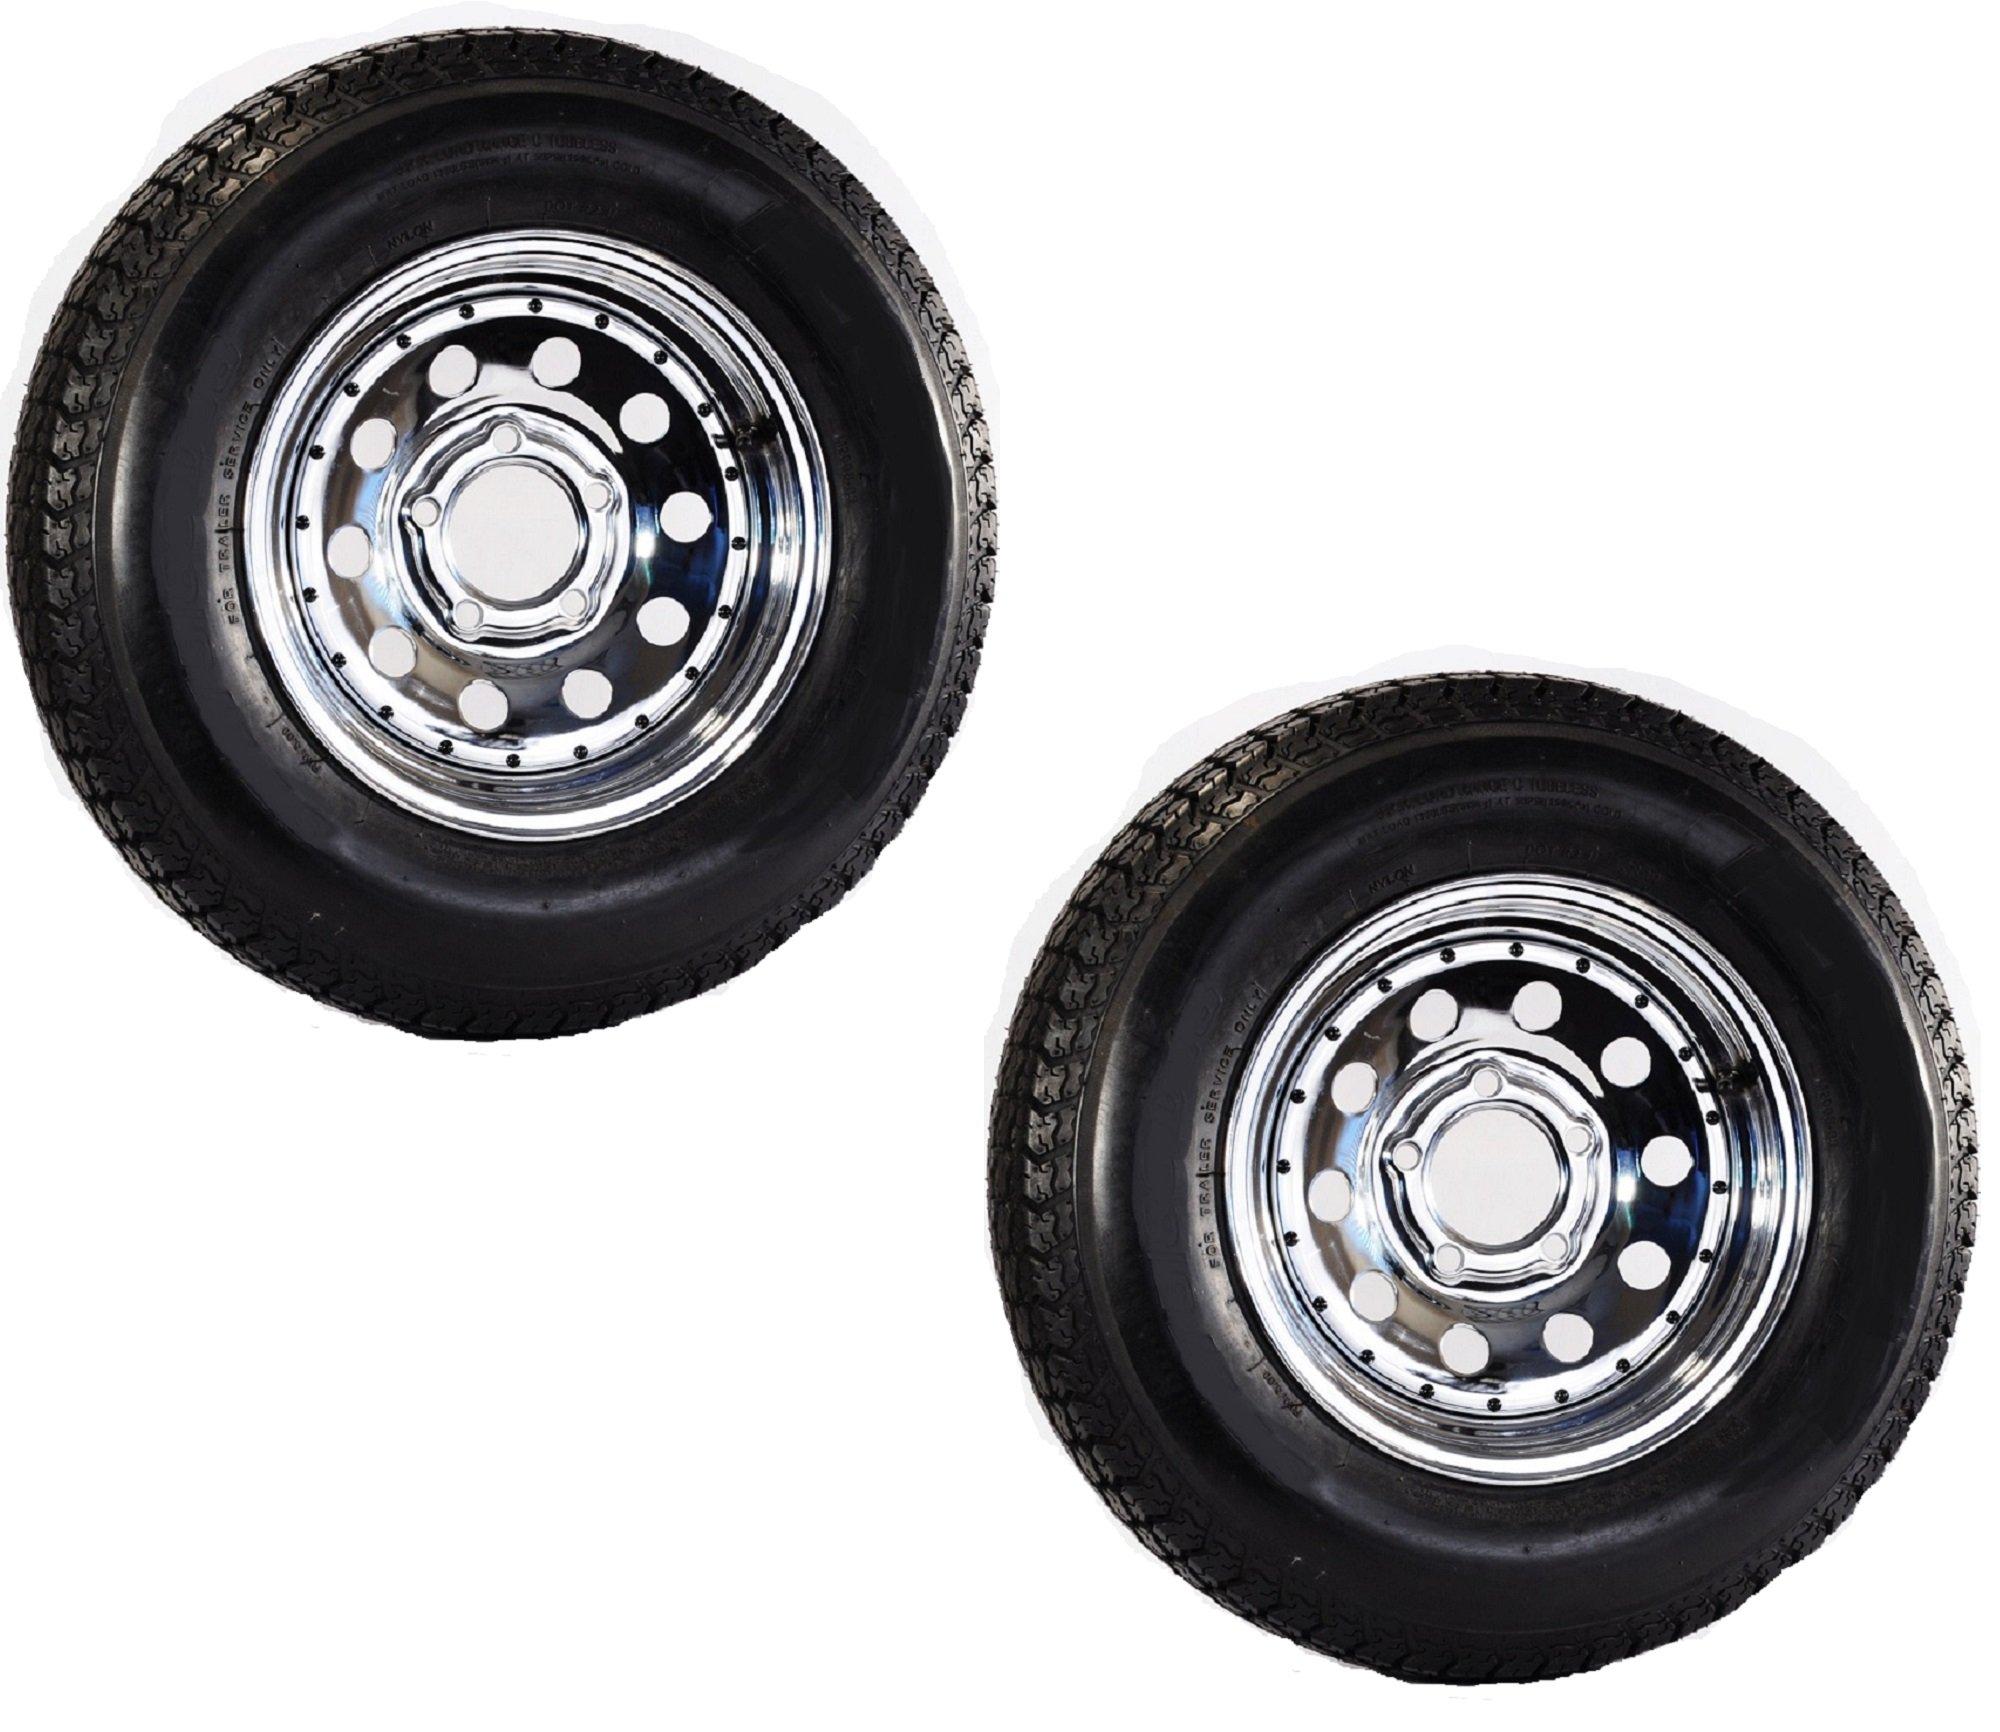 Two Trailer Tires Rims ST205/75D14 2057514 F78-14 14'' 5 Lug Chrome Mod W/Rivets